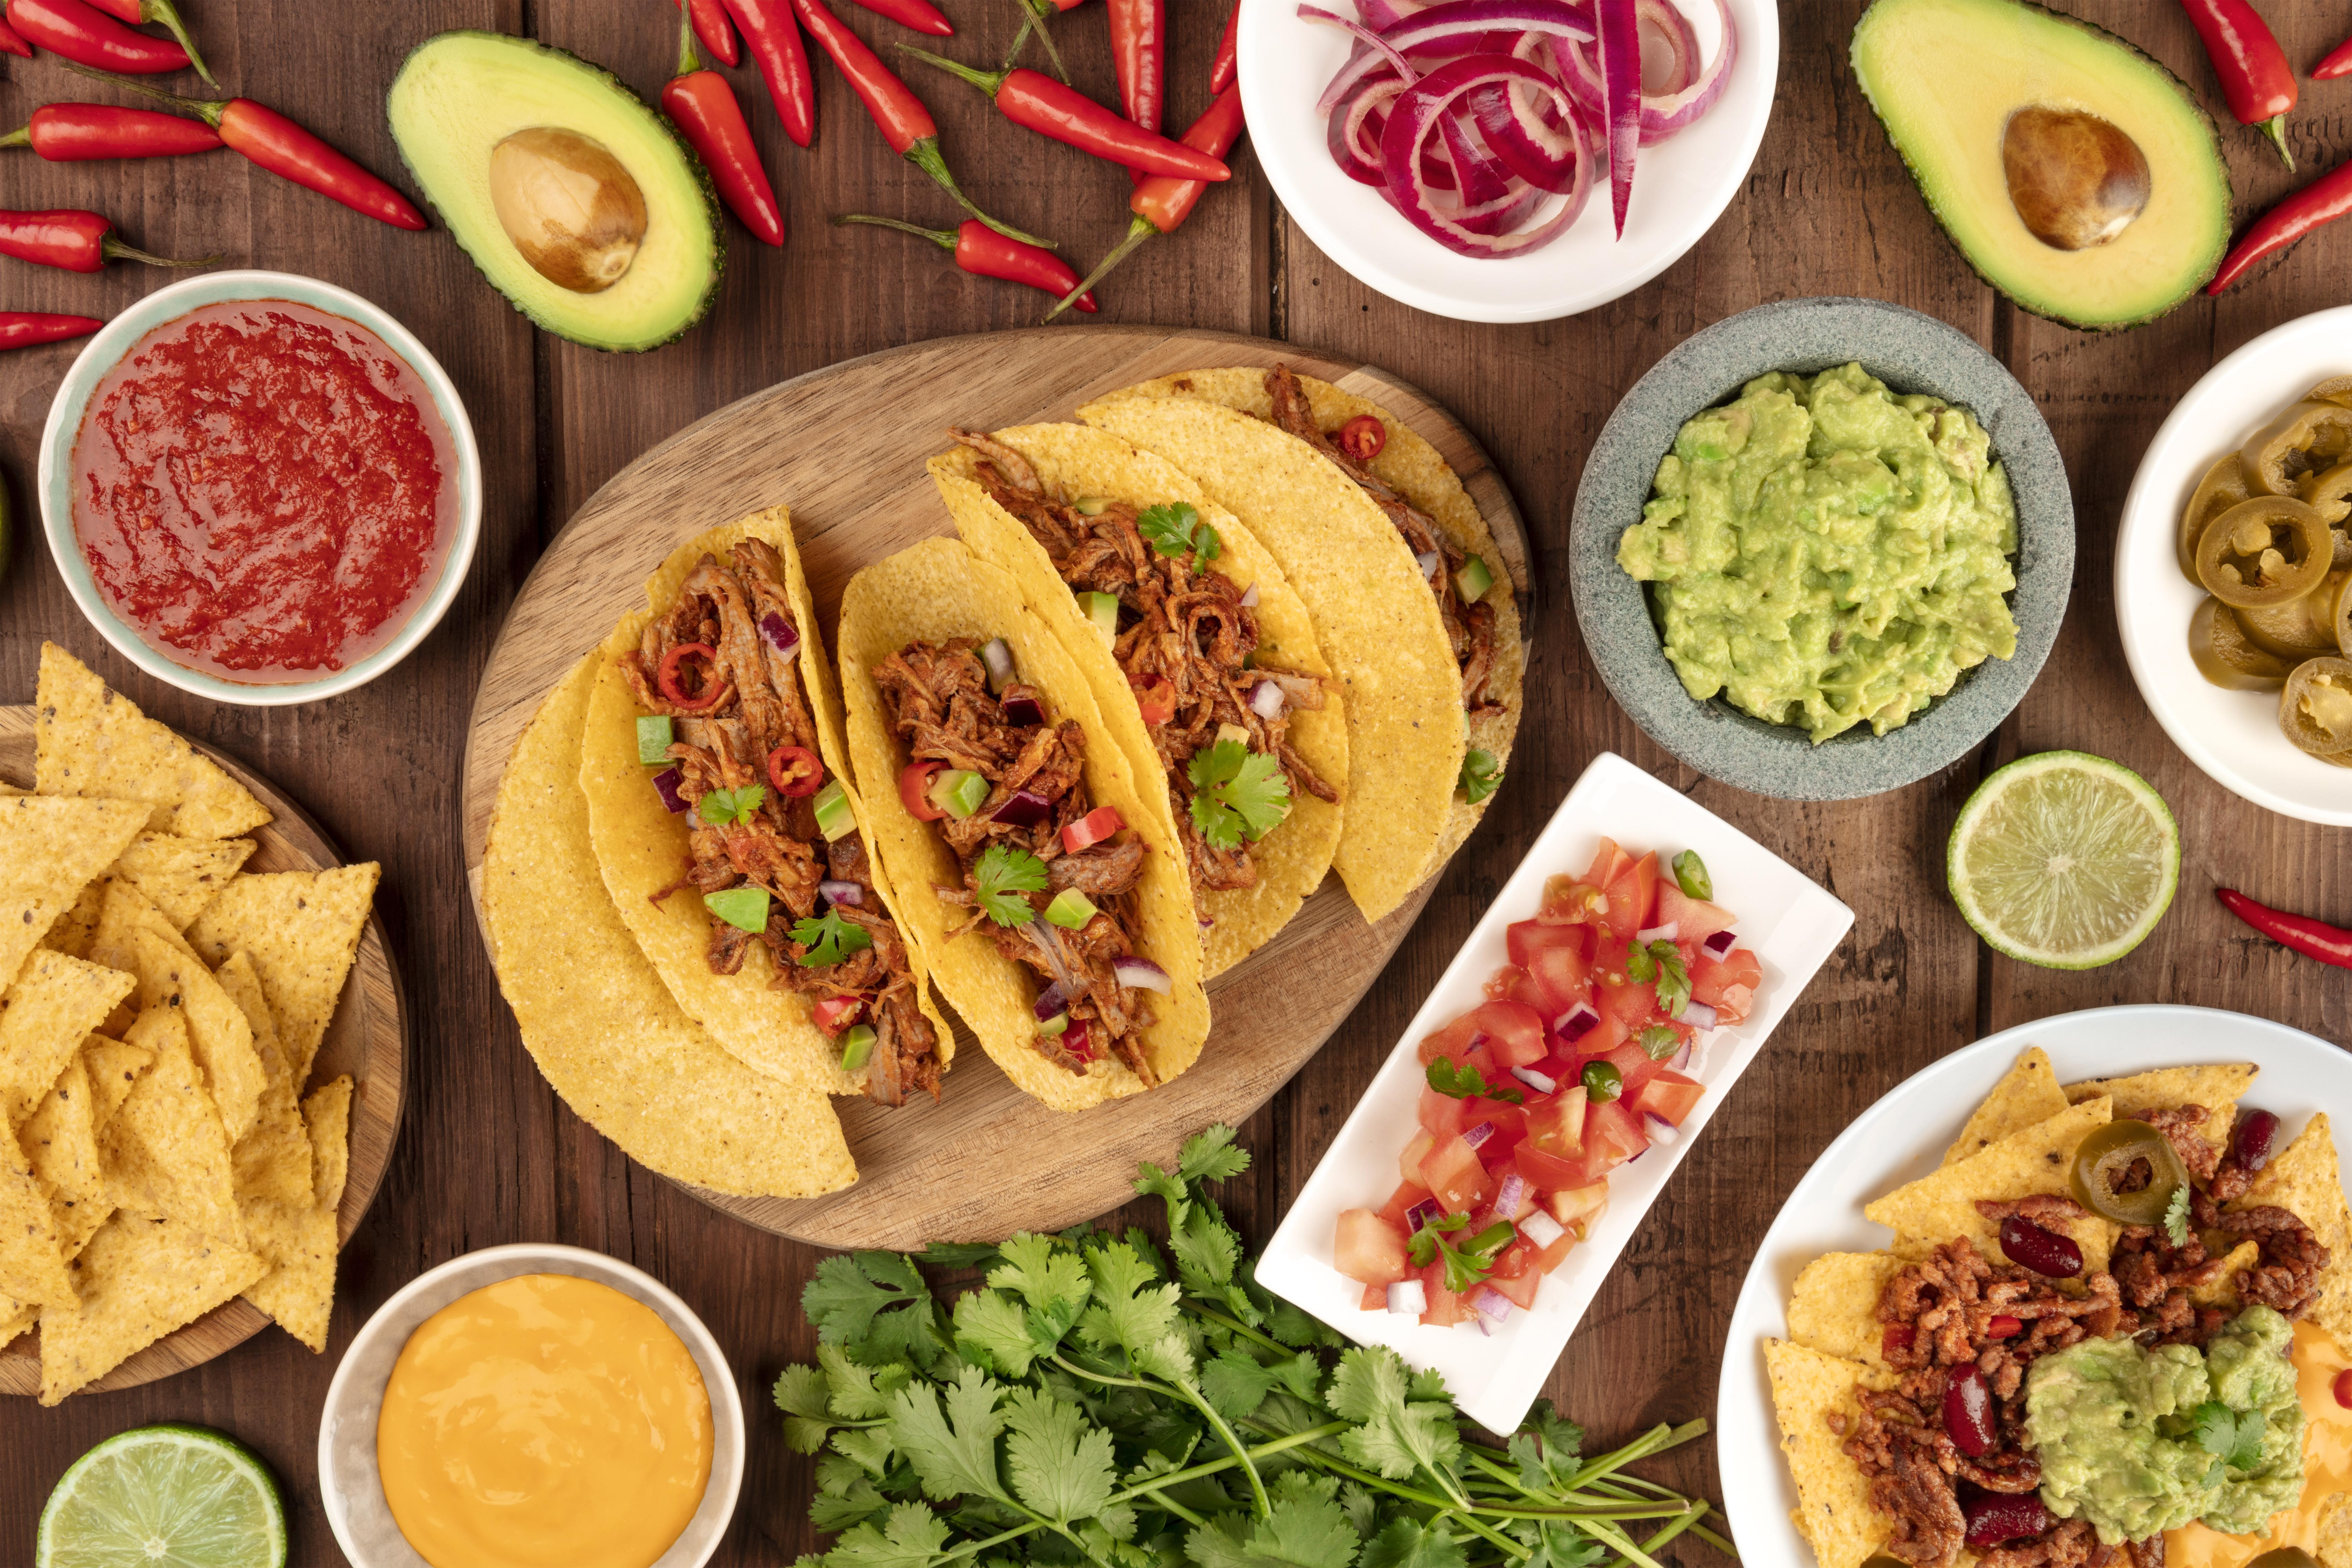 9.Мексико<br /> <br /> Мексиканската кухня става все по-популярна в последните години и вече целият свят знае какво са такоси или бурито. Мексиканците, както и повечето латиноамериканци, са почитатели на боба и успяват да го съчетаят в изненадващи комбинации, включително и с шоколад.